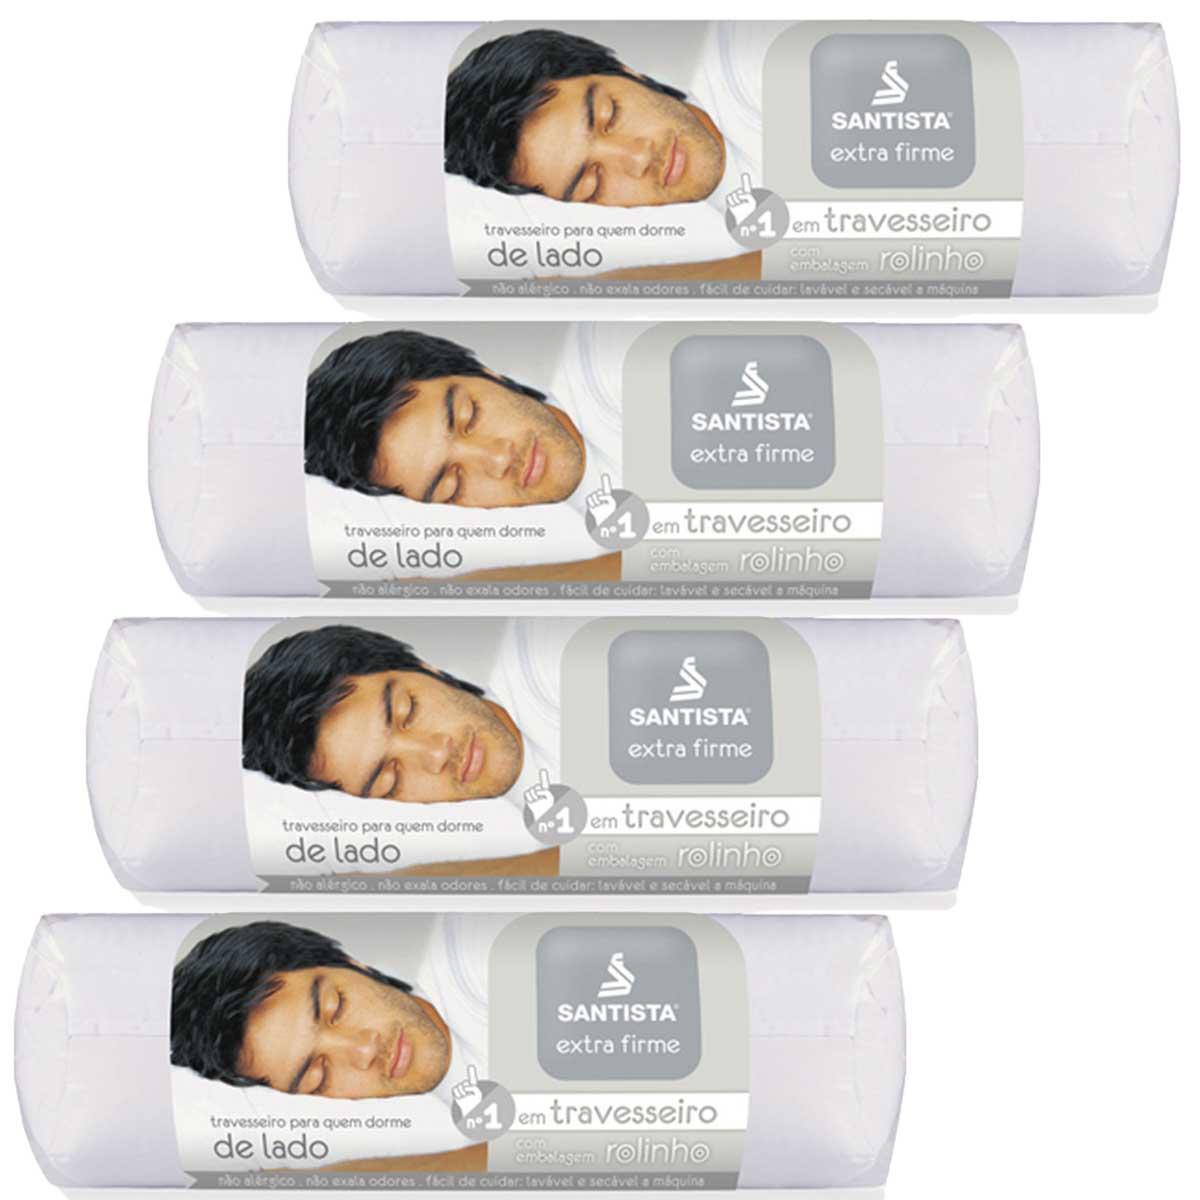 Kit 4 Travesseiros Extra Firme Fibra Siliconada 50 x 70 Santista